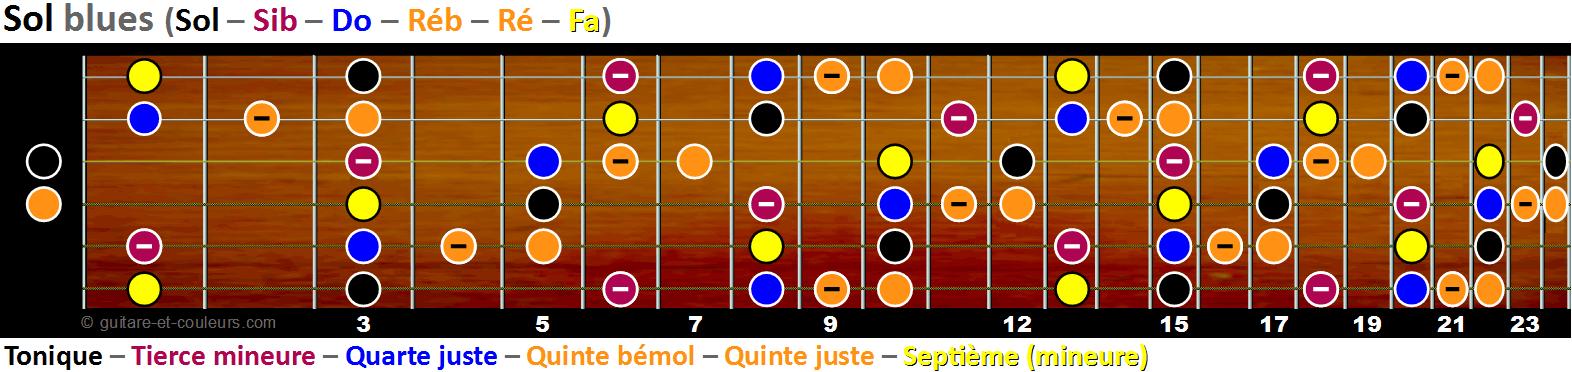 La gamme de sol blues